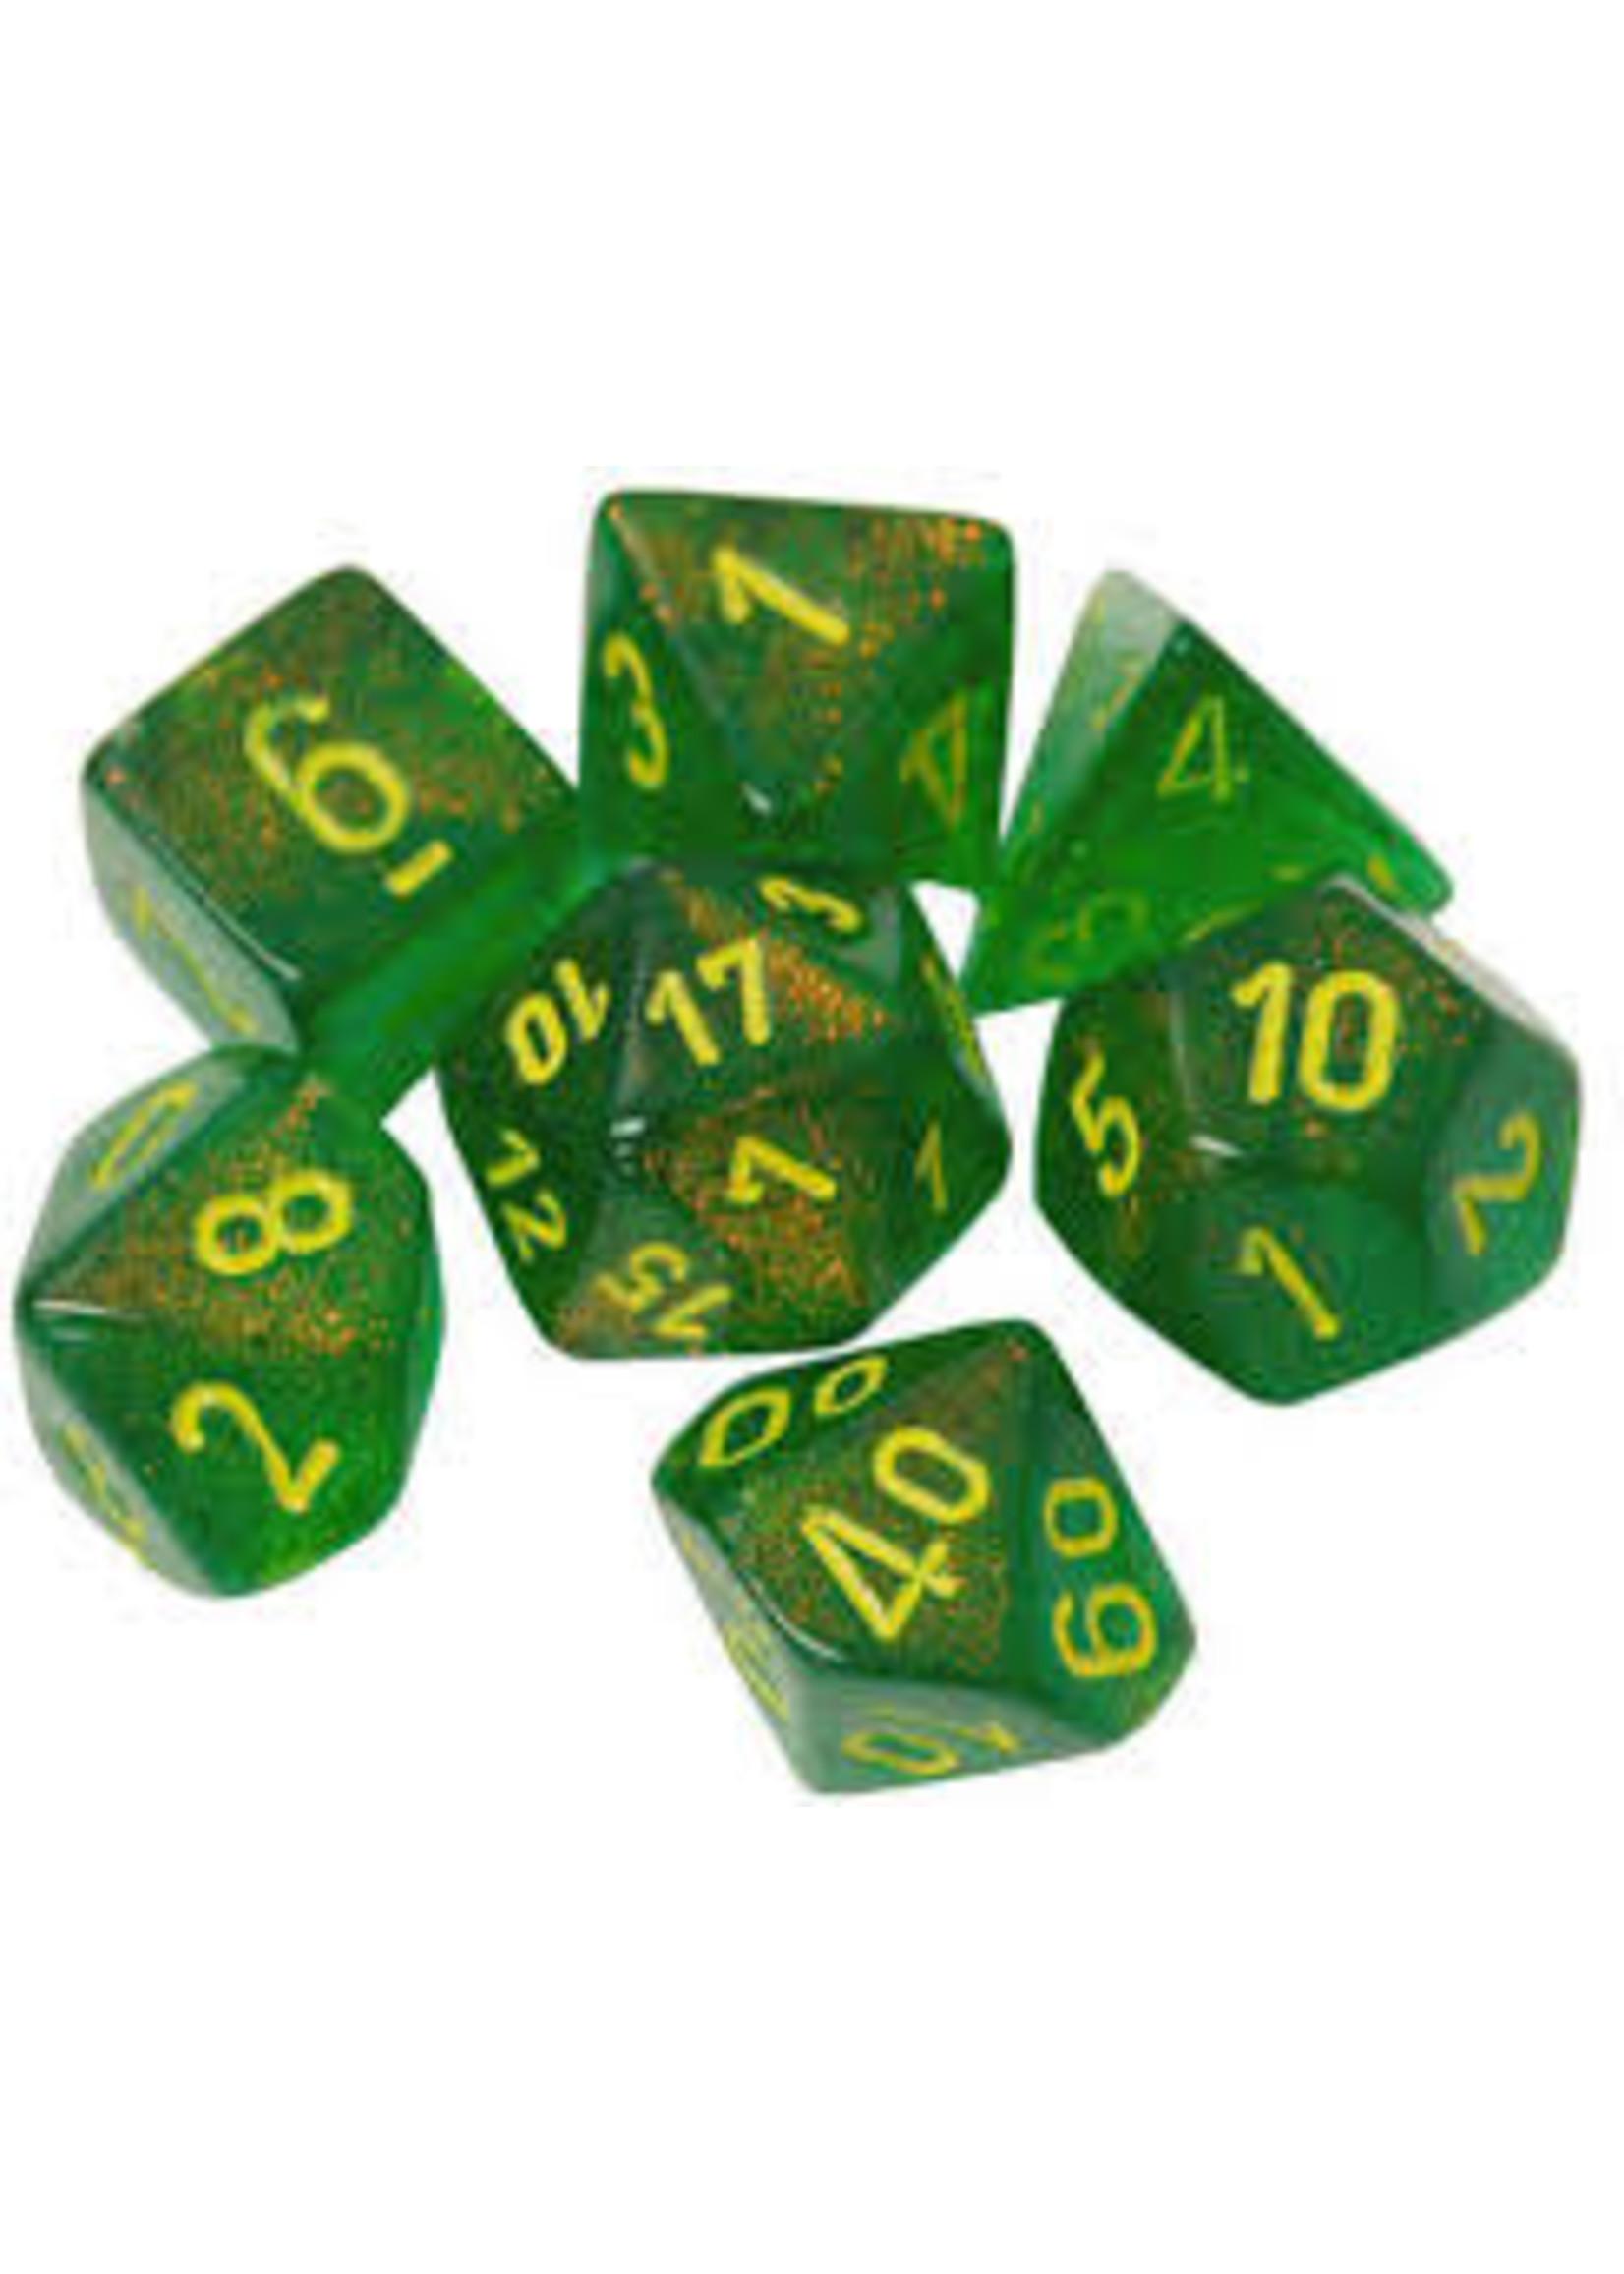 Chessex Borealis Poly 7 set: Maple Green w/ Yellow